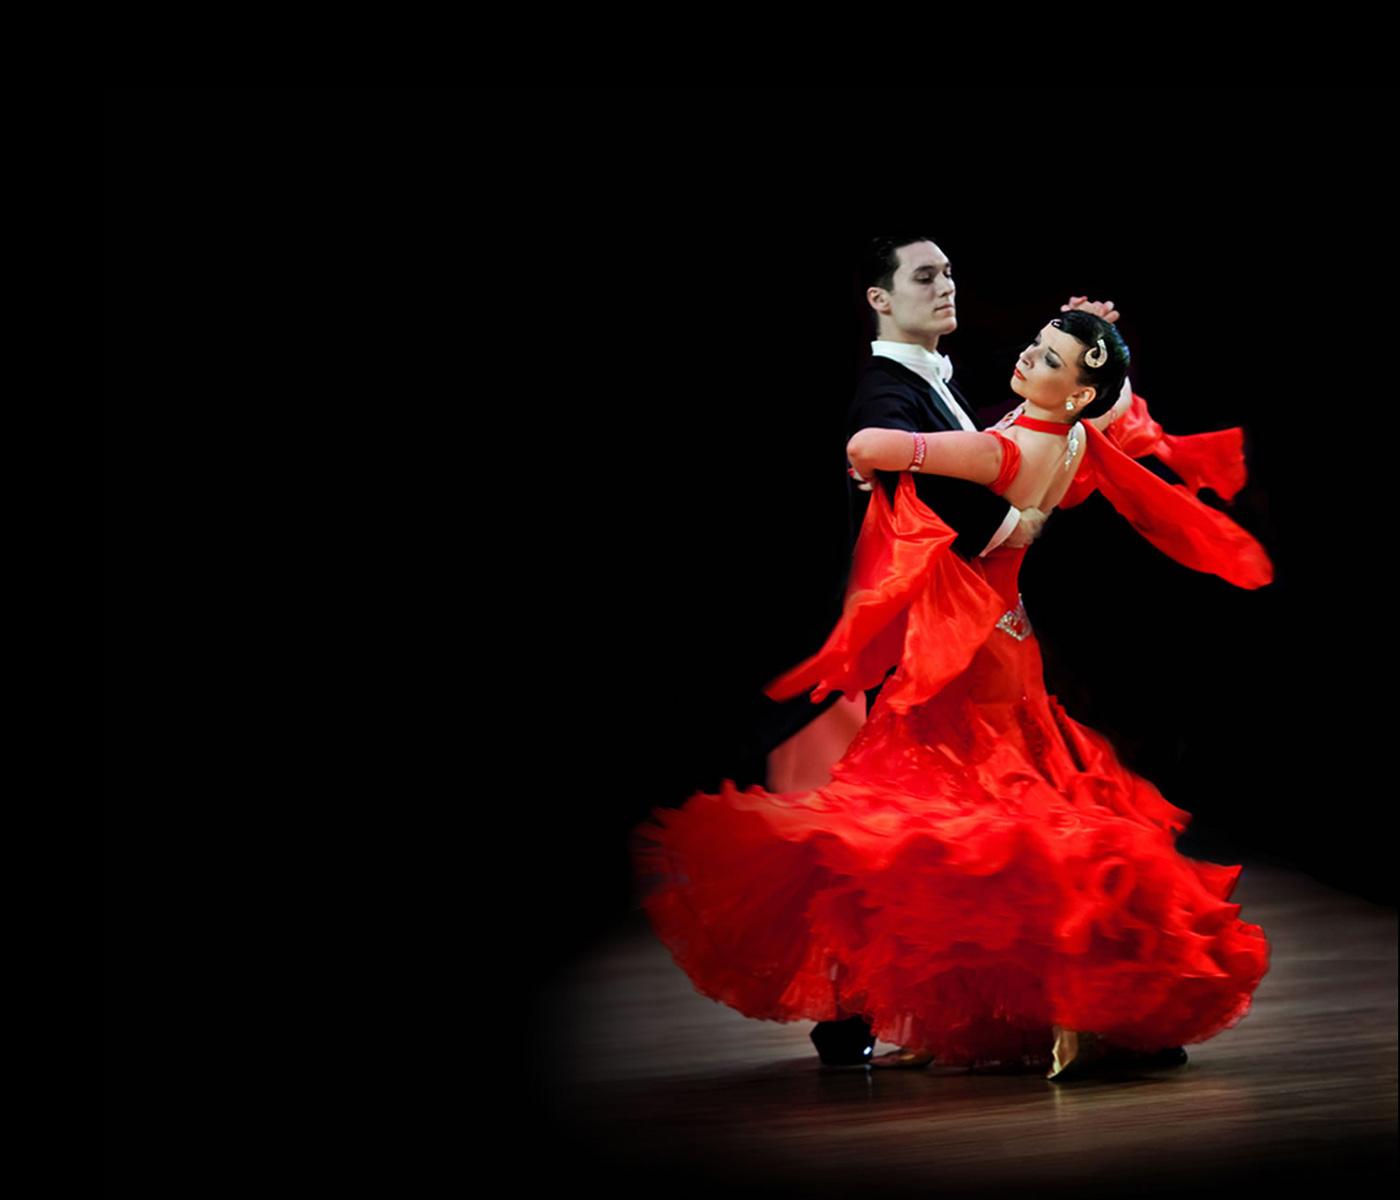 картинки танца бального танца для чего